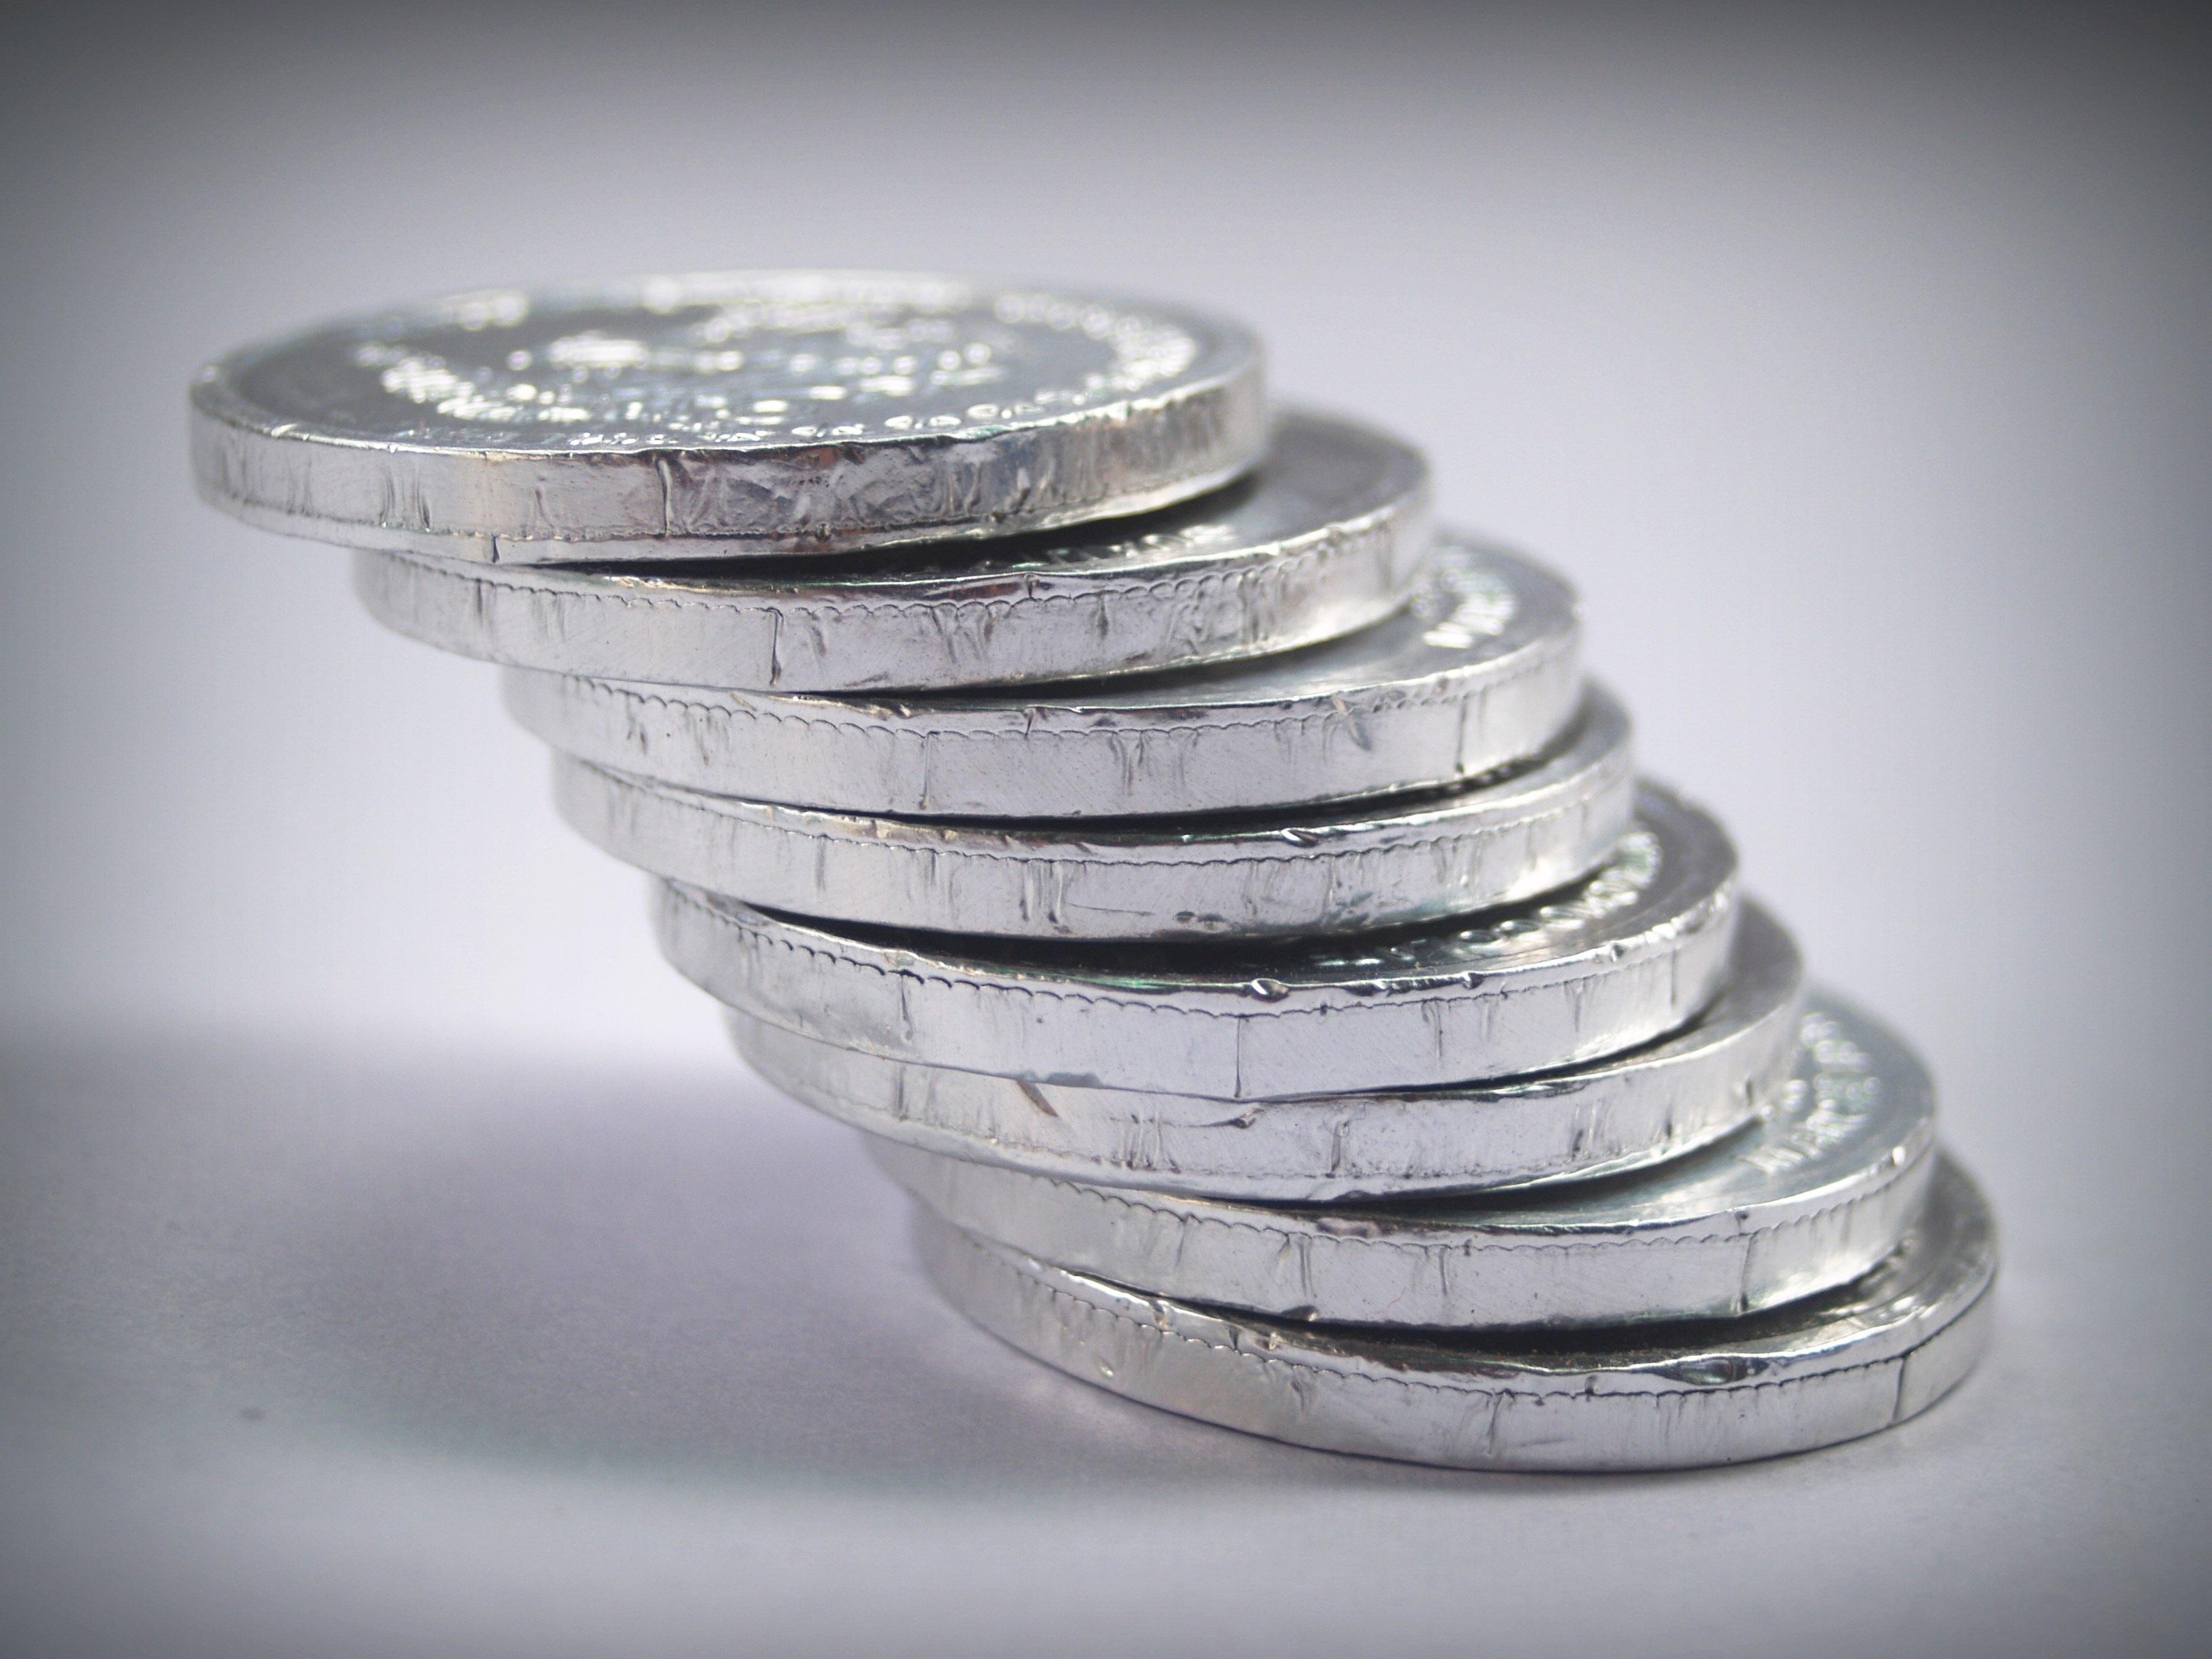 Платина: характеристики металла, свойства, основные месторождения - zetsila